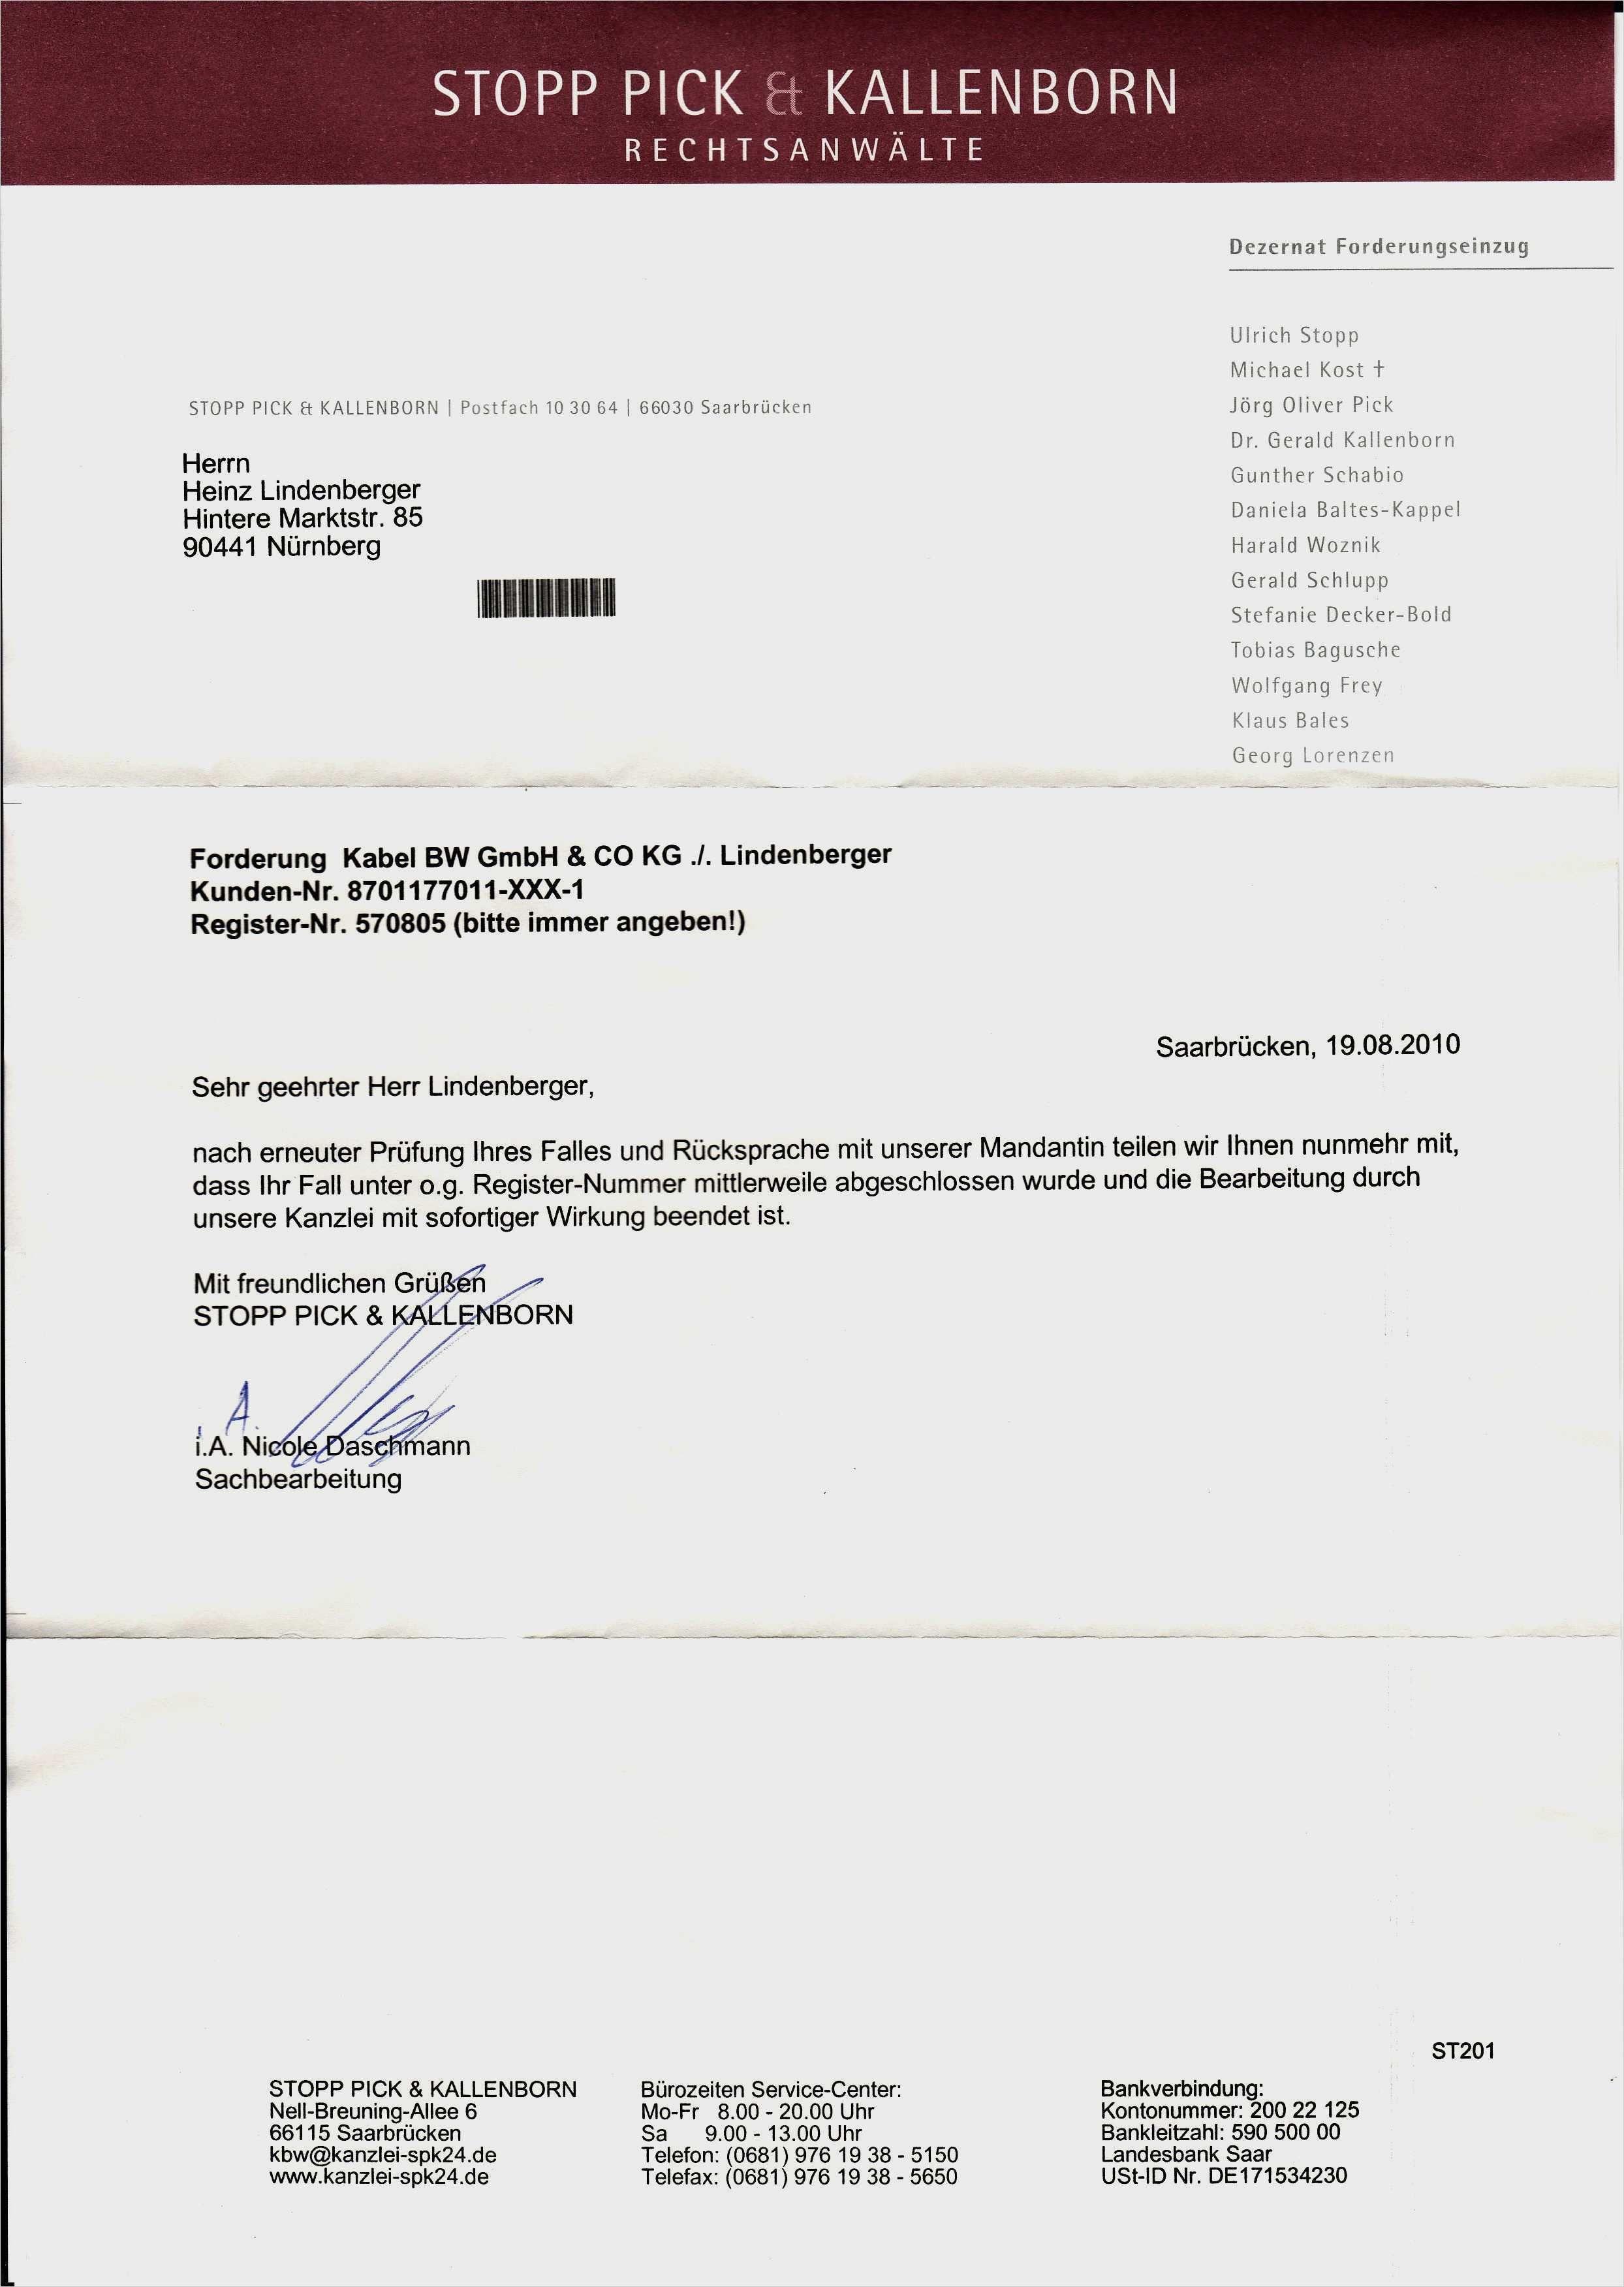 Kundigung Kabel Deutschland Internet Und Telefon Vorlage 35 Erstaunlich Jene Konnen Anpassen In 2020 Lebenslauf Briefkopf Vorlage Kreative Lebenslaufvorlagen